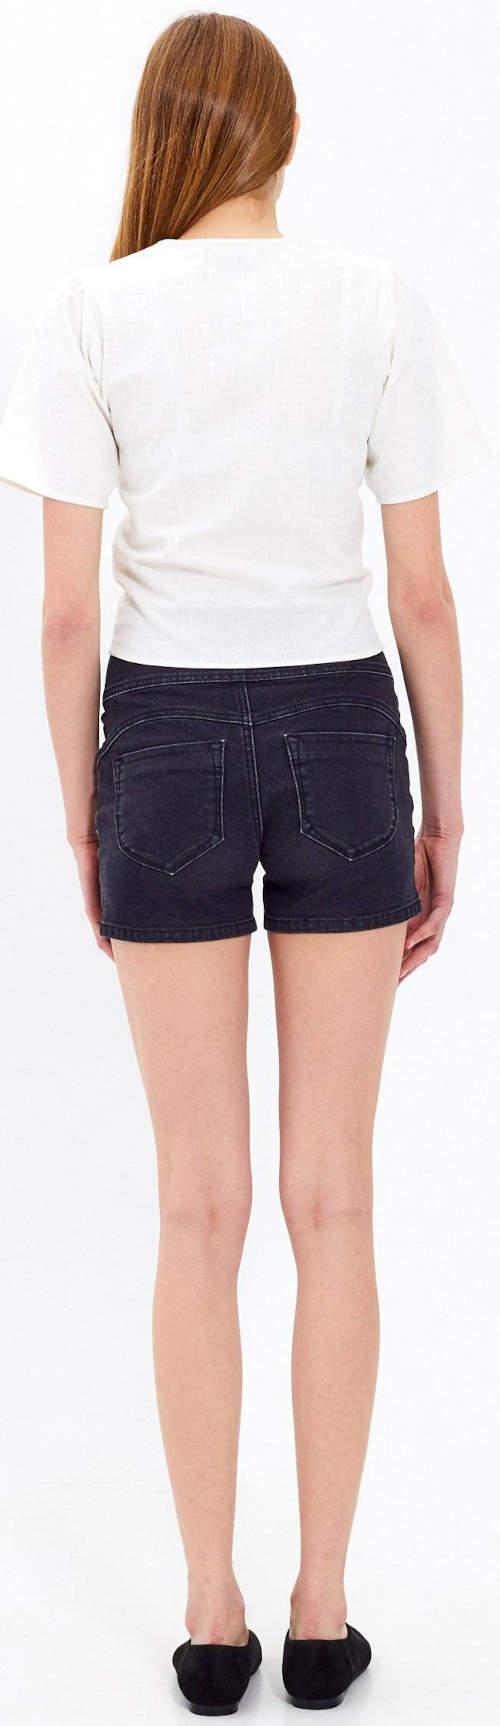 Biela blúzka sa skvele hodí k džínsovým šortkám